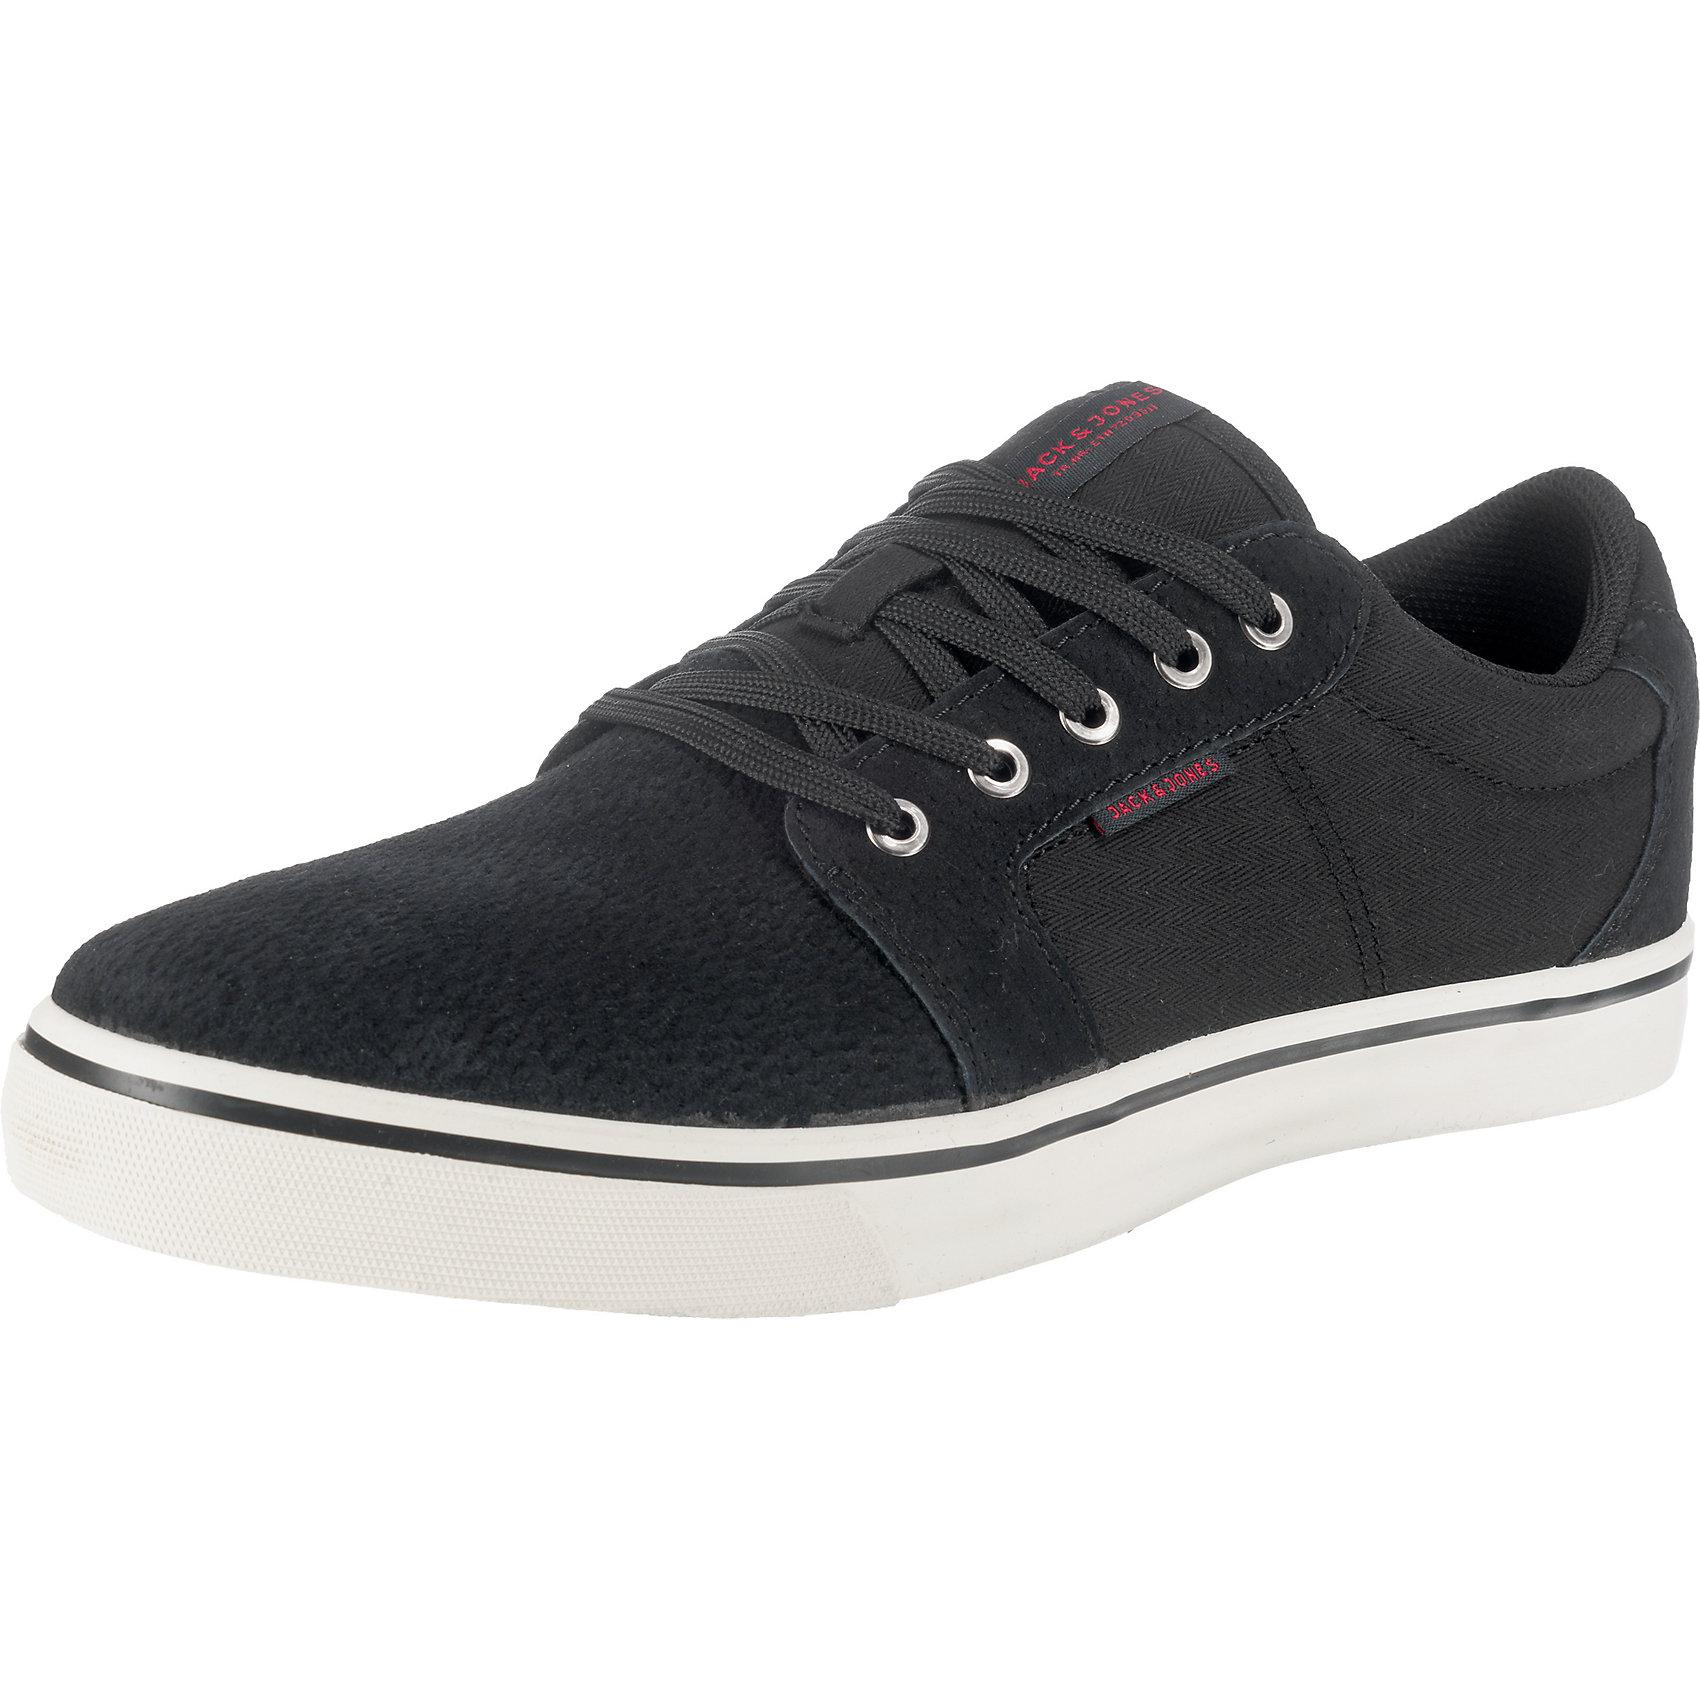 Neu JBCK & JONES JFW Dandy Nubuck Sneakers Low 7220263 für Herren